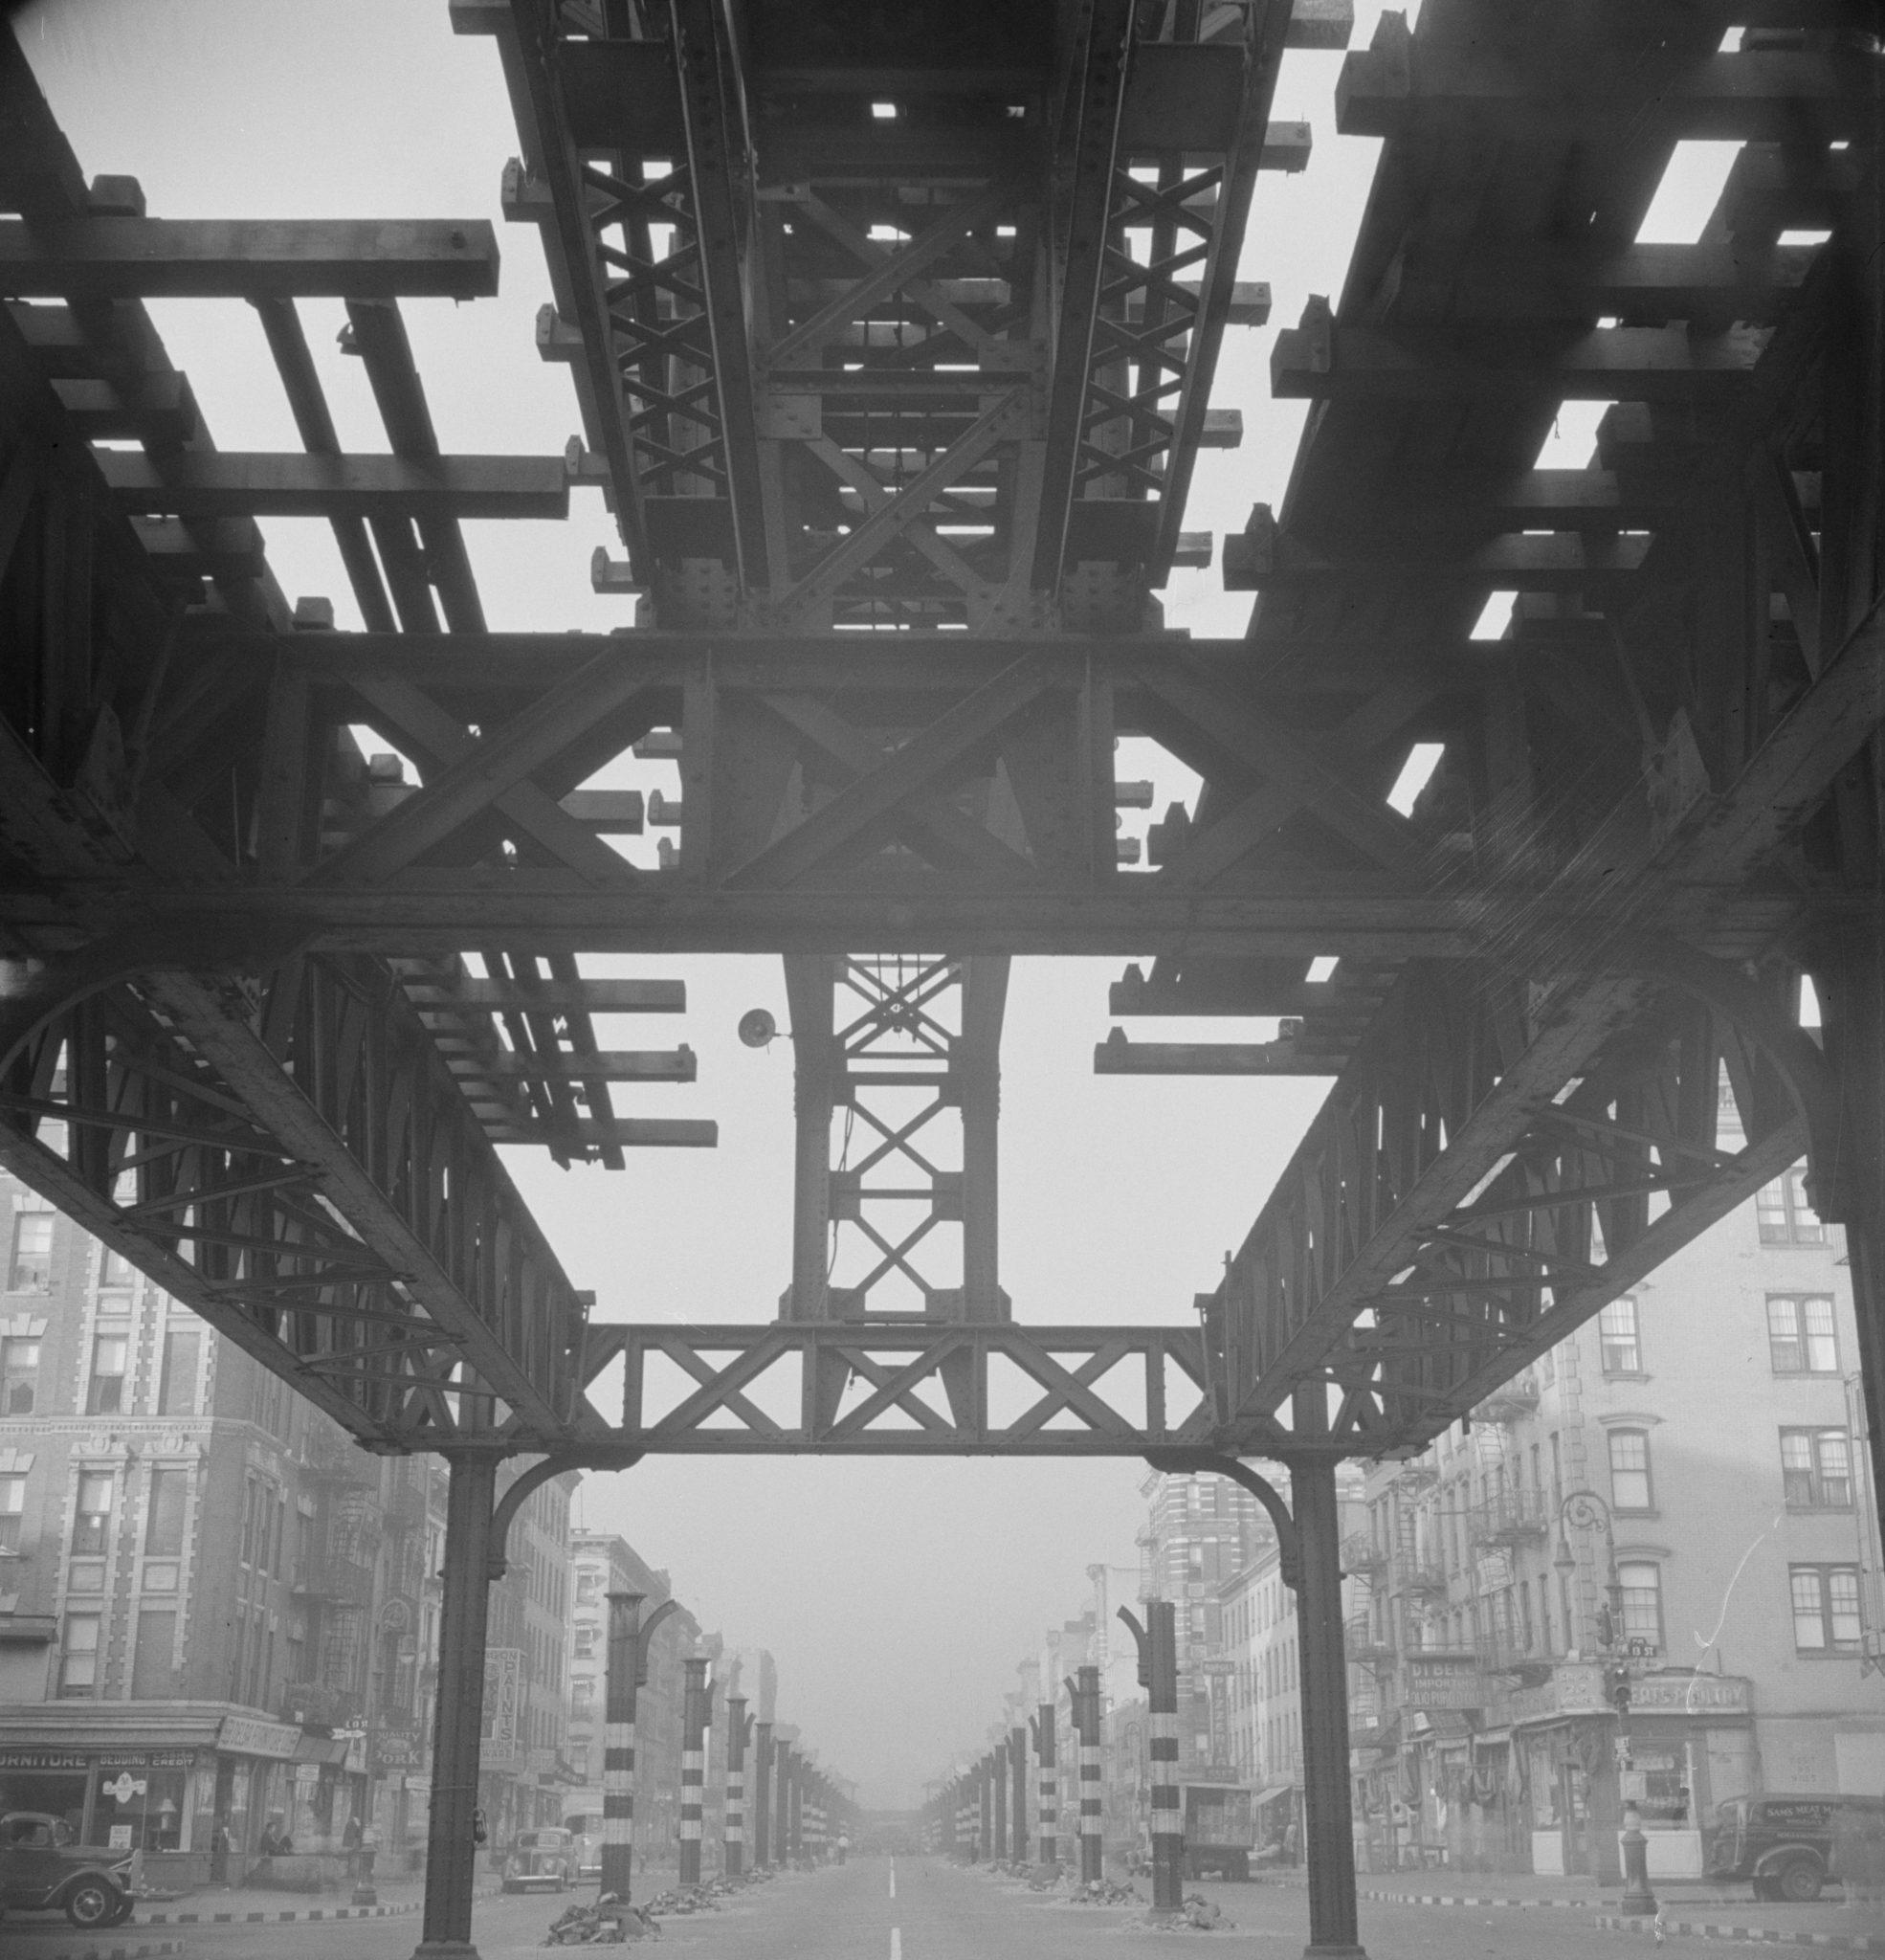 Las vías originales del tren en Second Avenue, en Manhattan, se demolieron en 1942. Foto: Wikimedia Commons.